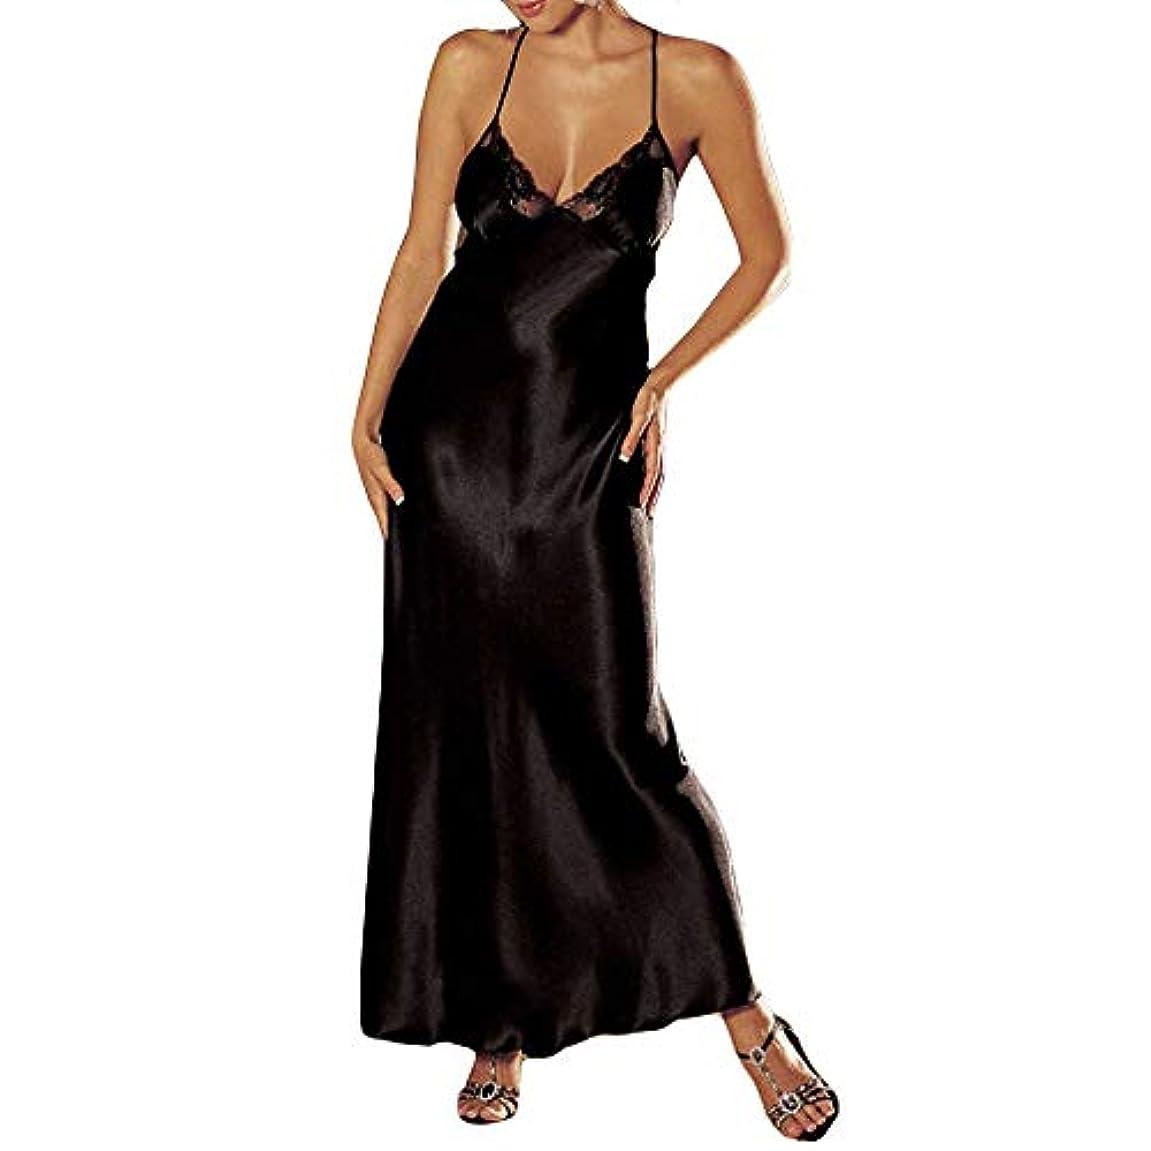 一掃する高音エゴマニア吊りドレス liqiuxiang ウーマン 快適 柔らかい ロングスカート 女性 エレガント 着心地 通気性抜群 パジャマ レディース 上下 花柄 ノースリーブ 高級 襦袢